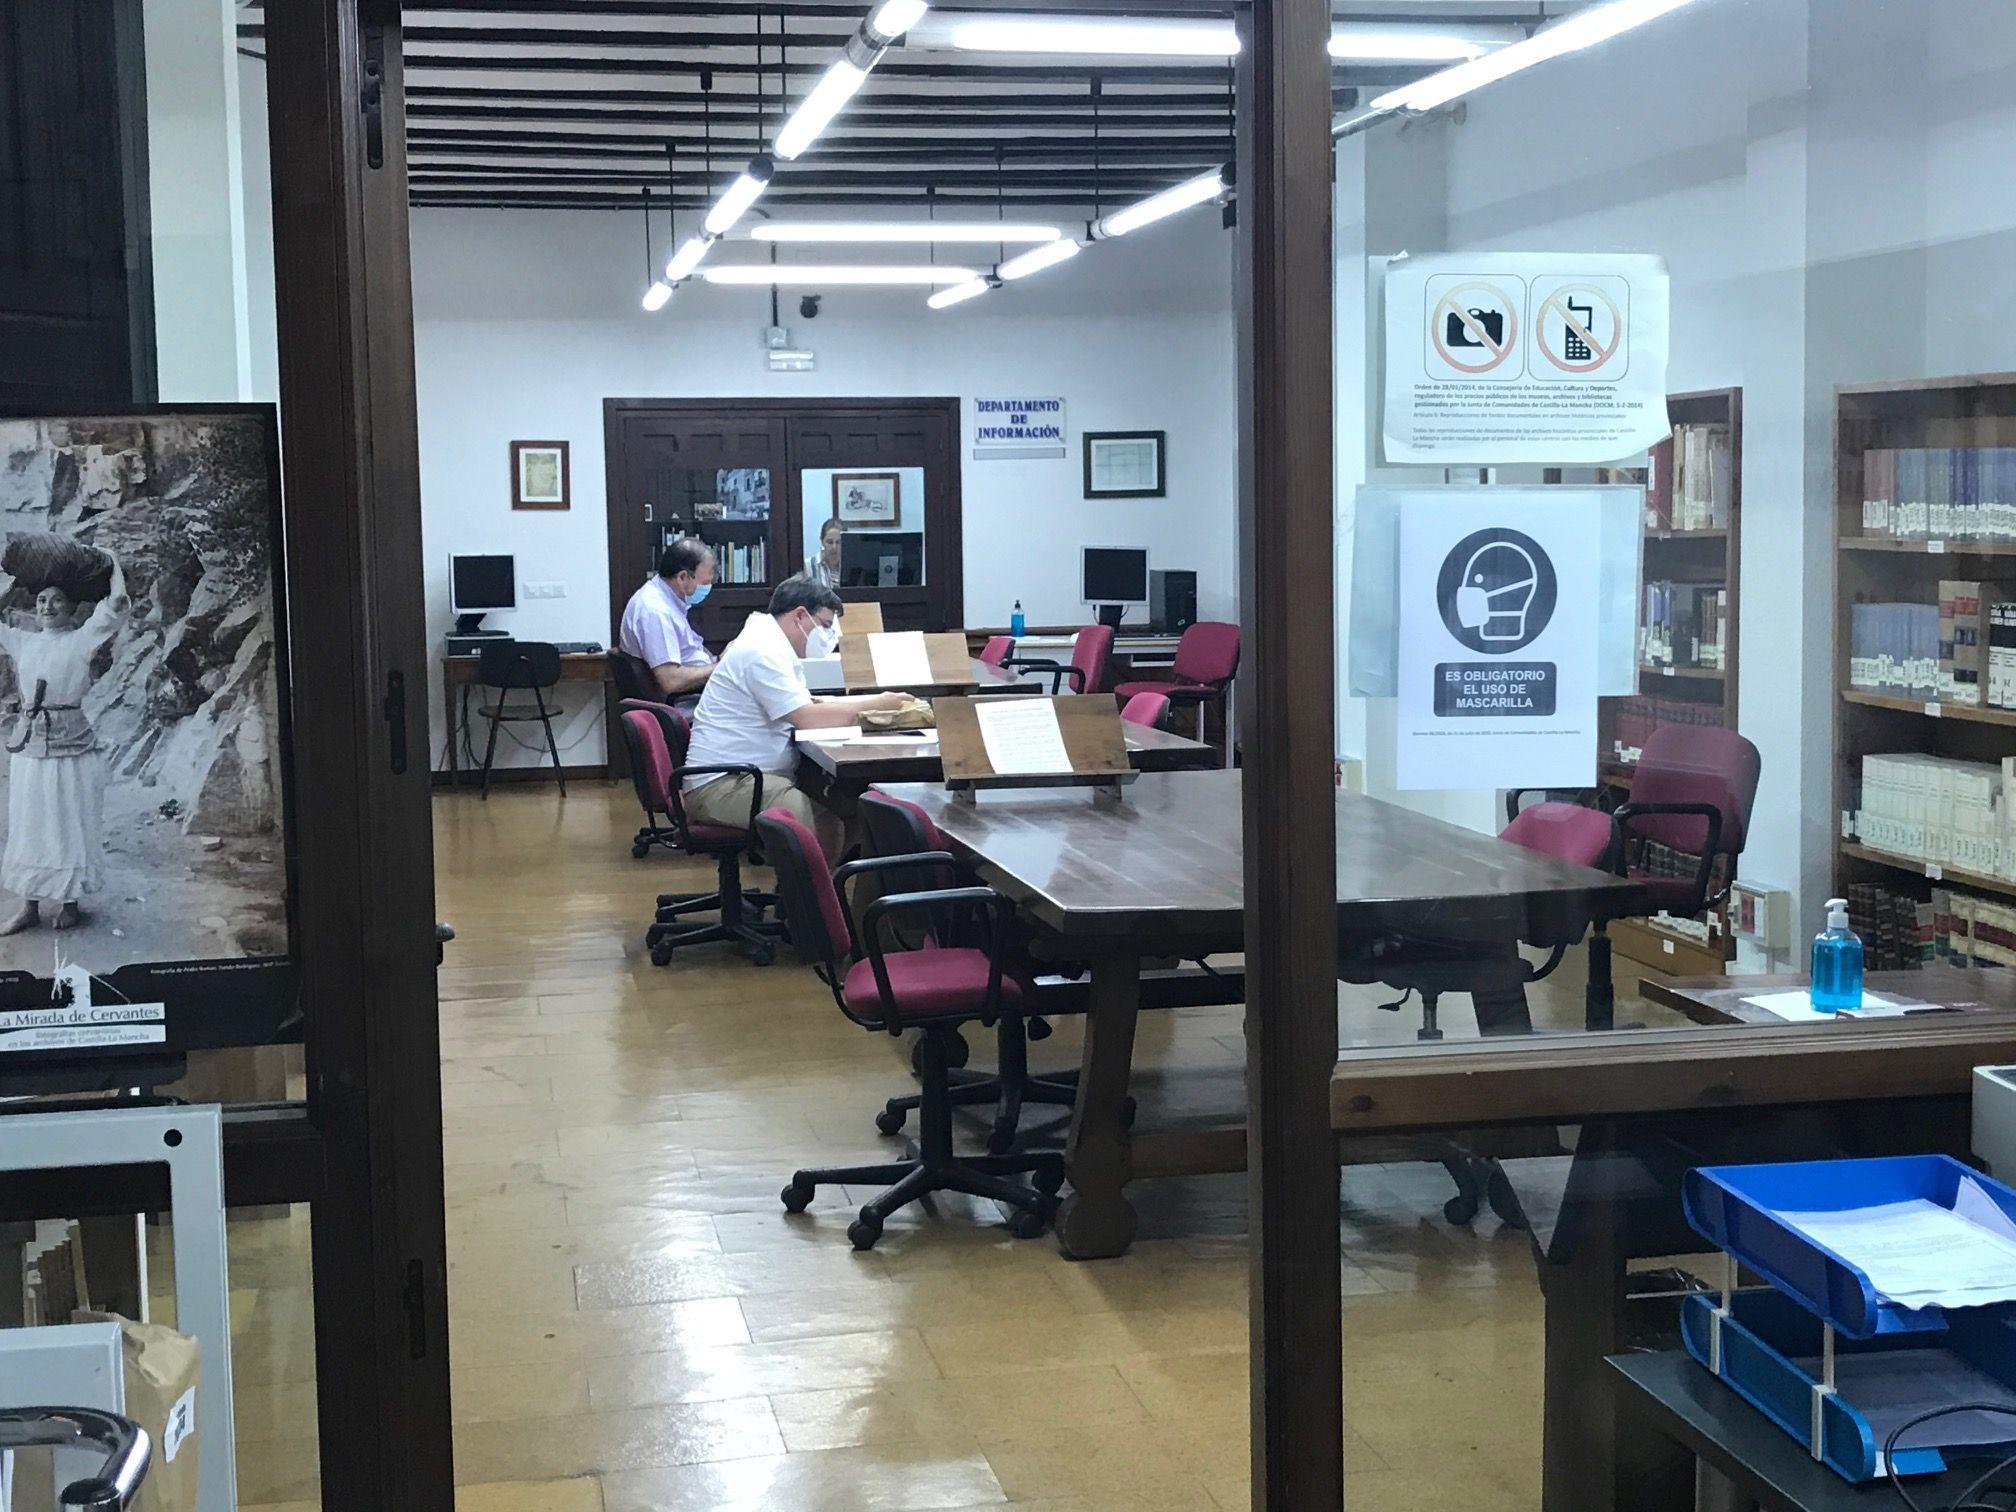 El Gobierno regional celebrará el próximo 9 de junio el Día Internacional de los Archivos de forma presencial y virtual por toda la Comunidad Autónoma